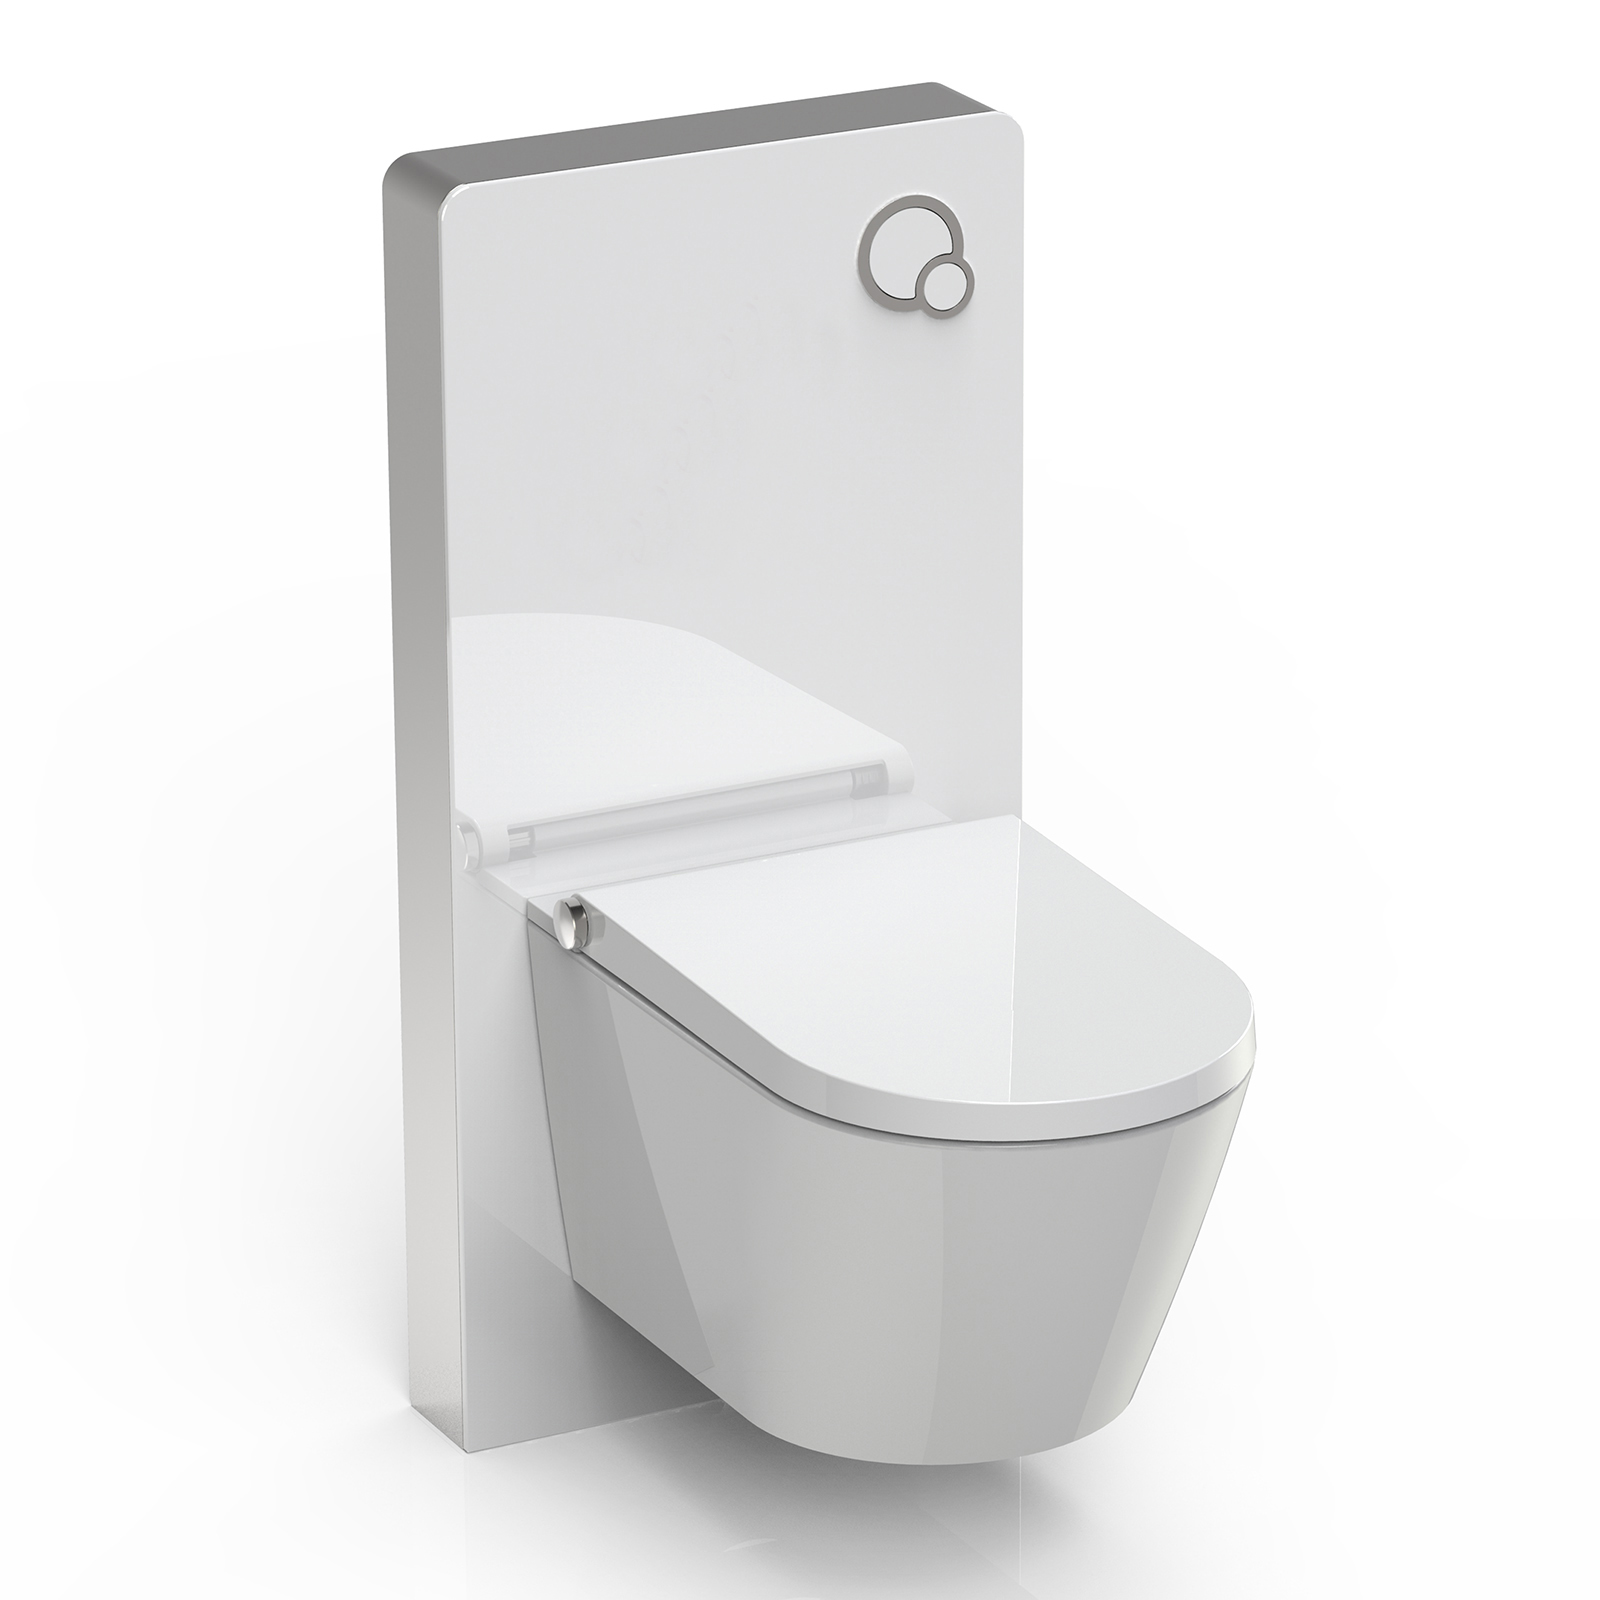 Full Size of Dusch Wc Sparpaket 6 Basic 1102 Sanitrmodul 805 In Wei Badewanne Mit Dusche Duschsäulen Nischentür Bidet Begehbare Duschen Ebenerdige Kosten Bodengleiche Dusche Dusch Wc